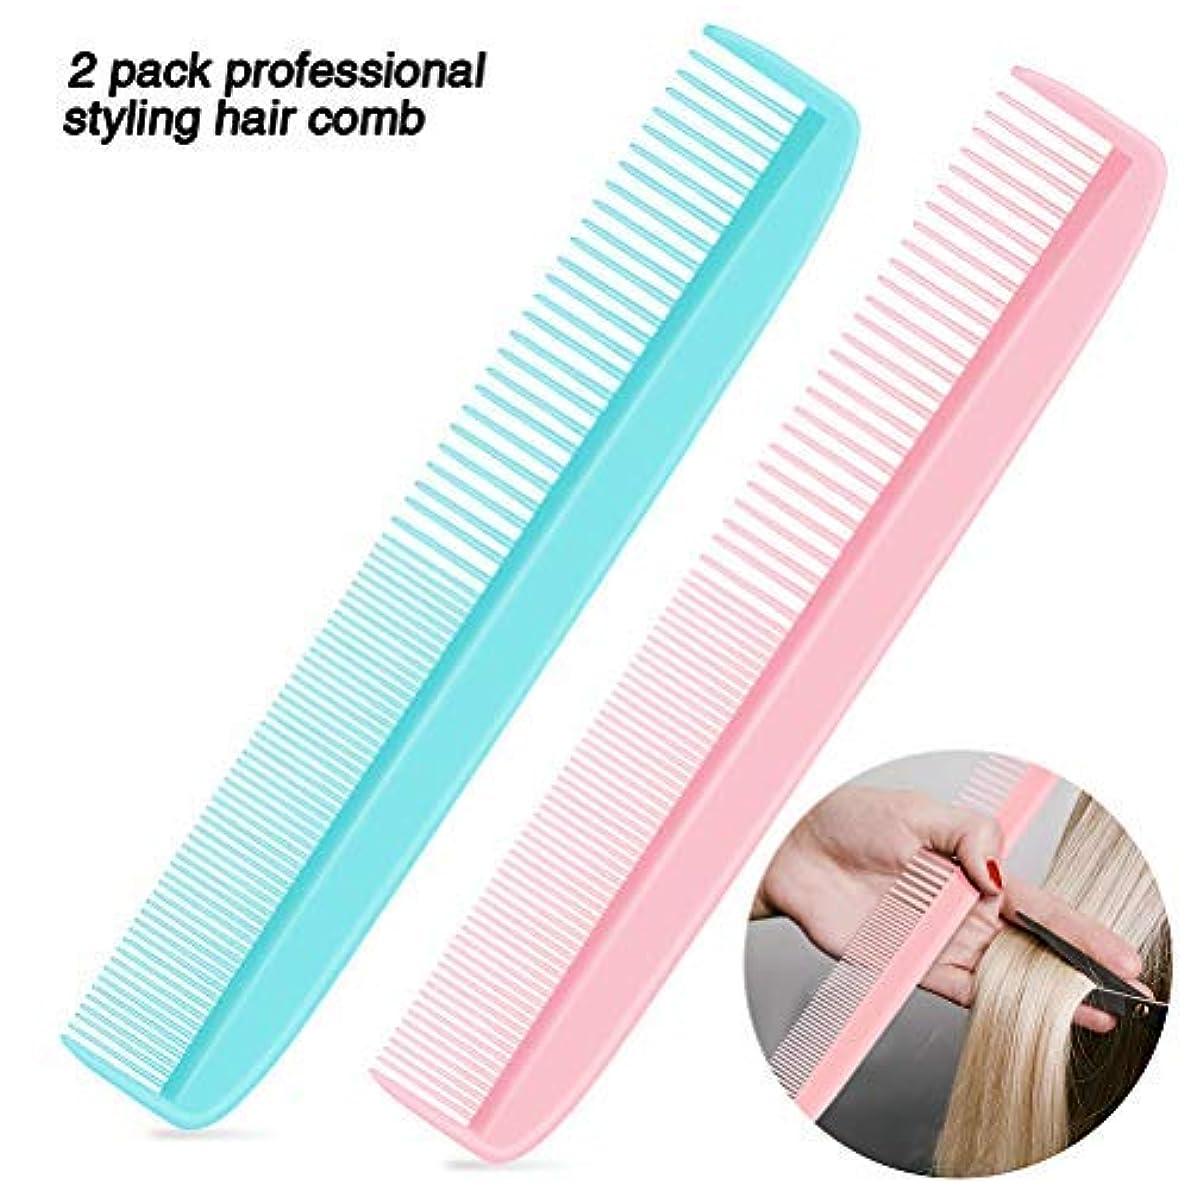 溶けるかわいらしいヒゲクジラ2 Pack Anti-static Professional Styling Comb Hairdresser Barber Comb - 7 Inch Coarse/Fine Tooth Rake Comb [並行輸入品]